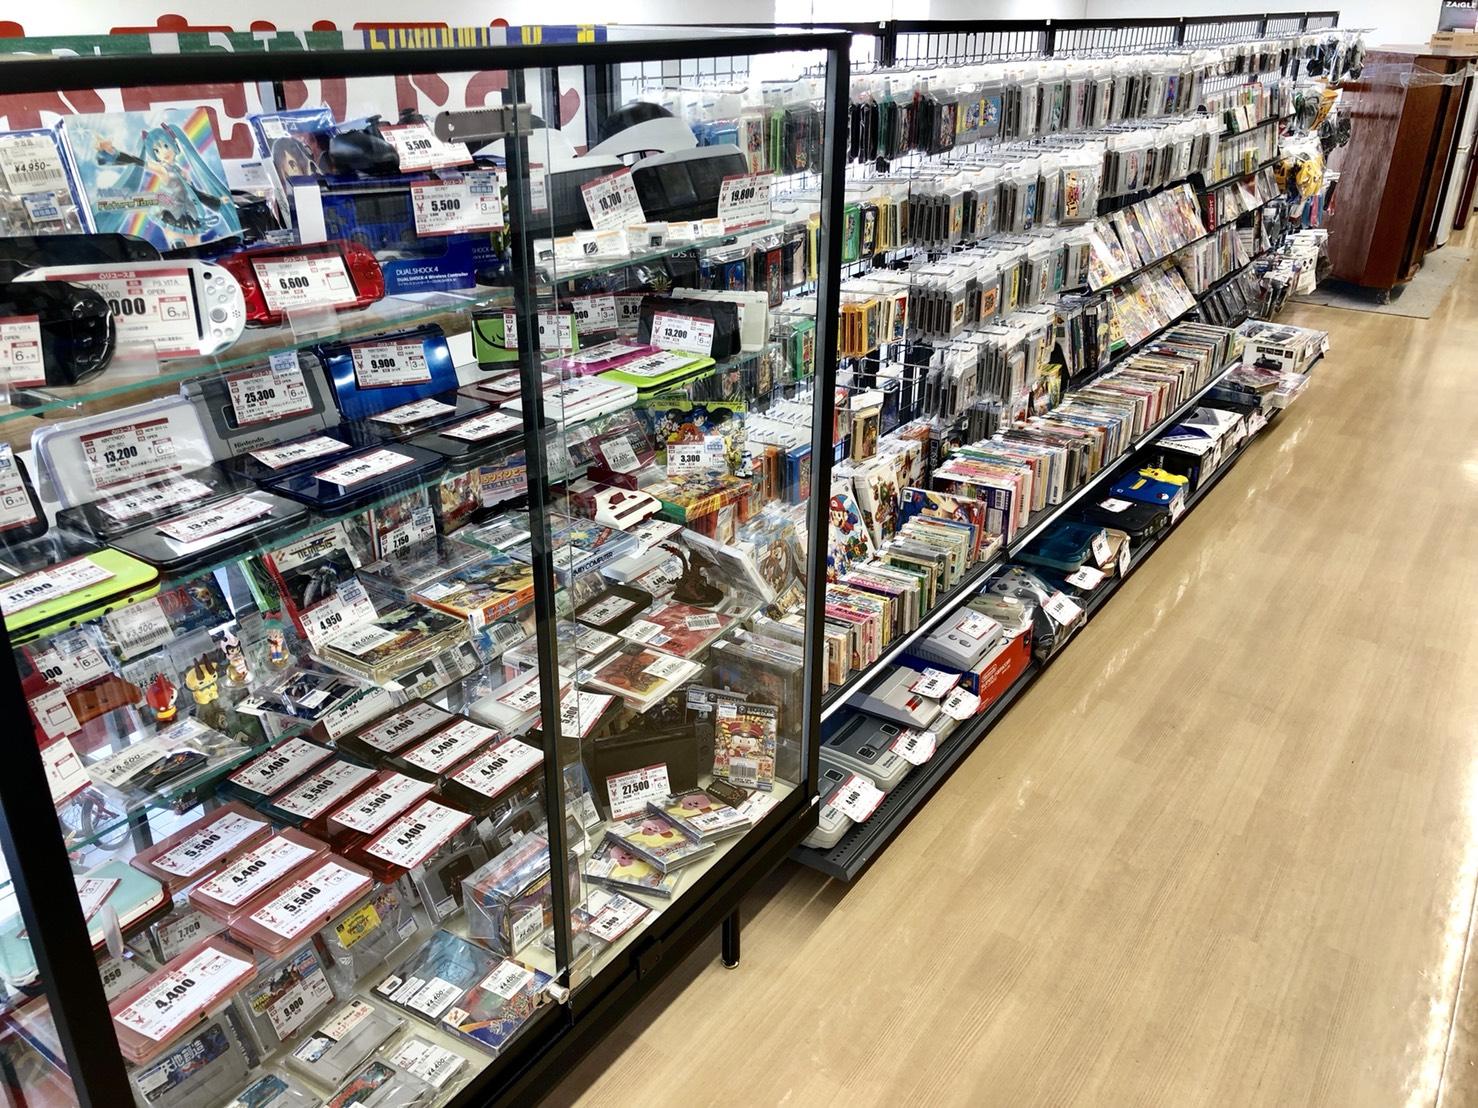 ハードオフ 松戸古ヶ崎店(レトロゲームコーナー)